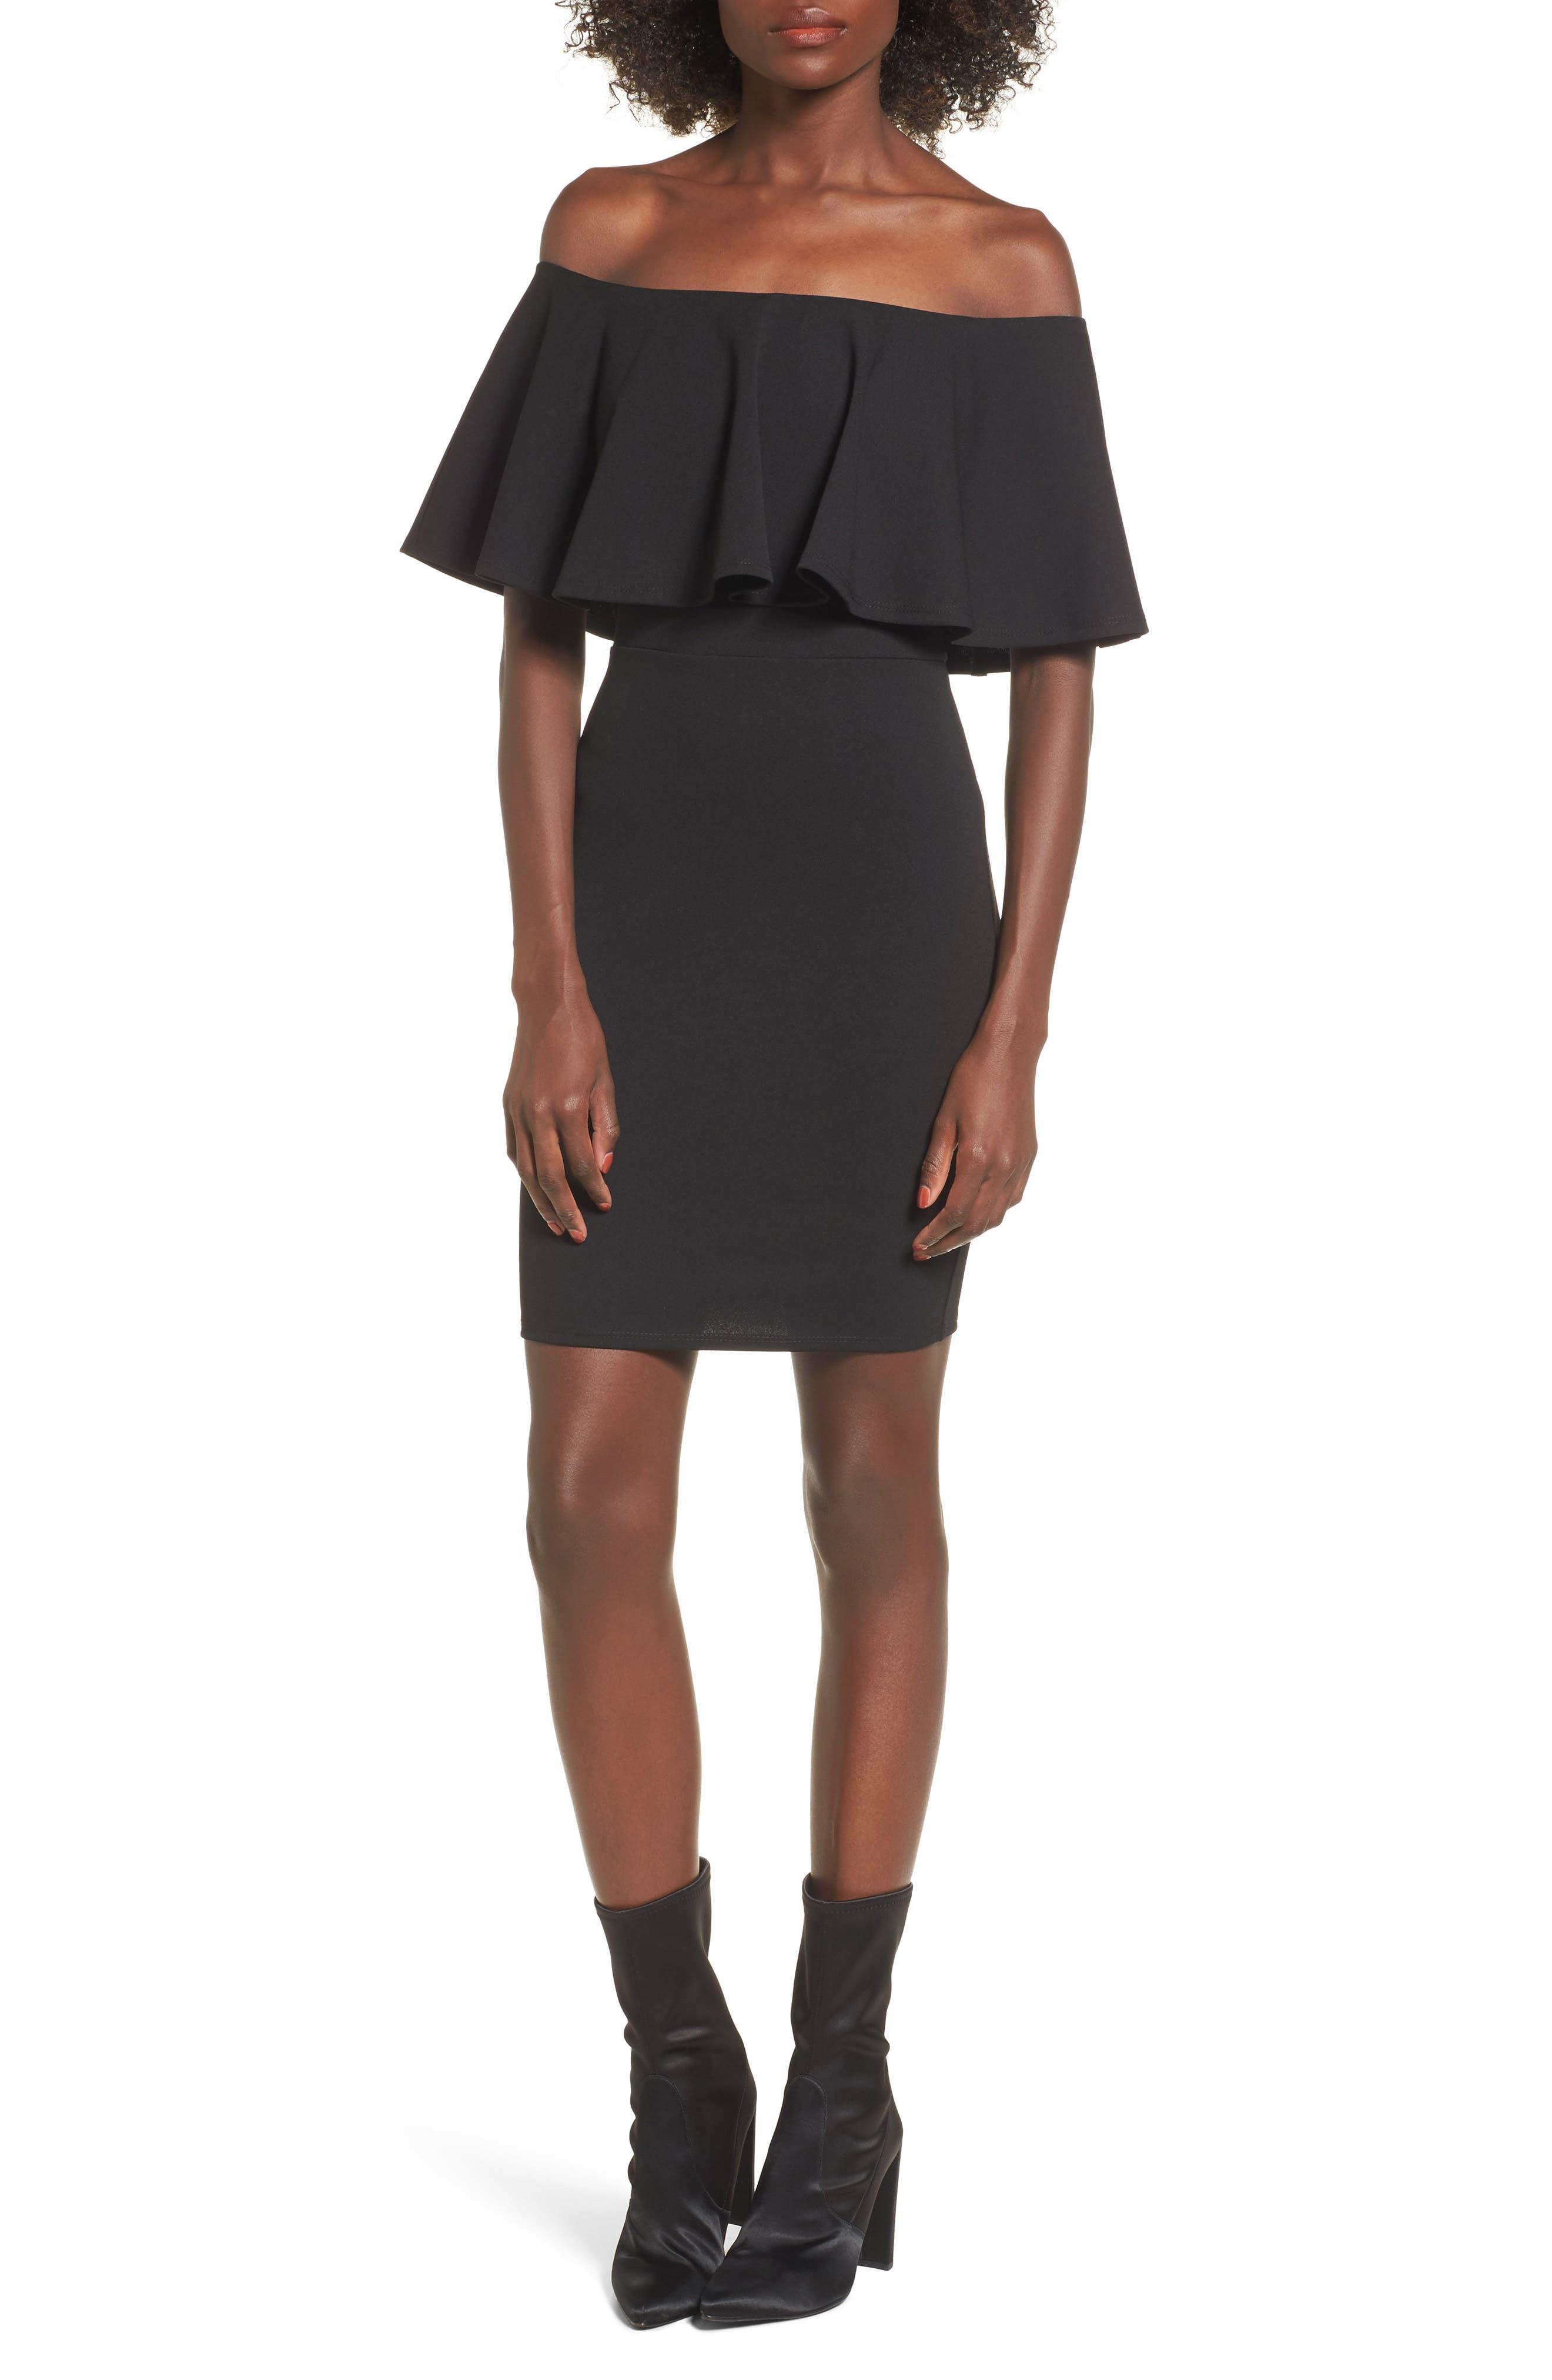 Soprano Ruffle Off the Shoulder Body-Con Dress